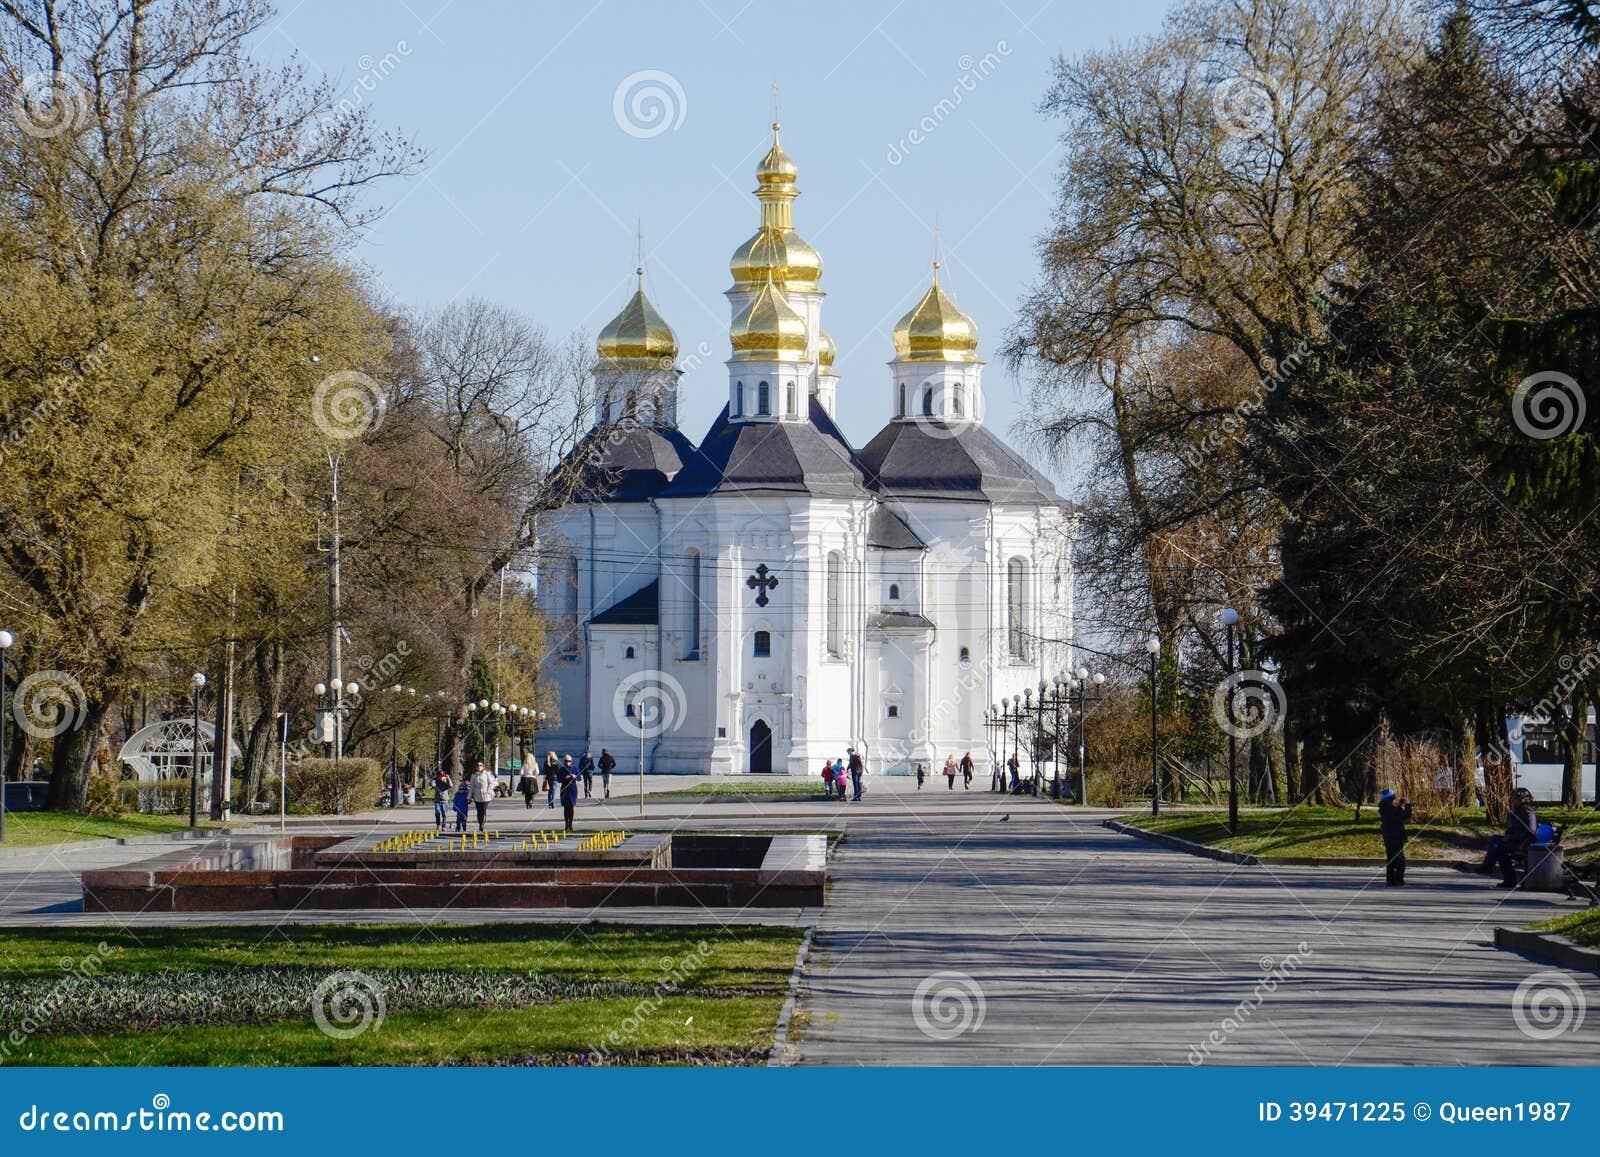 Catherine kościół w Chernigov. Ukraina.